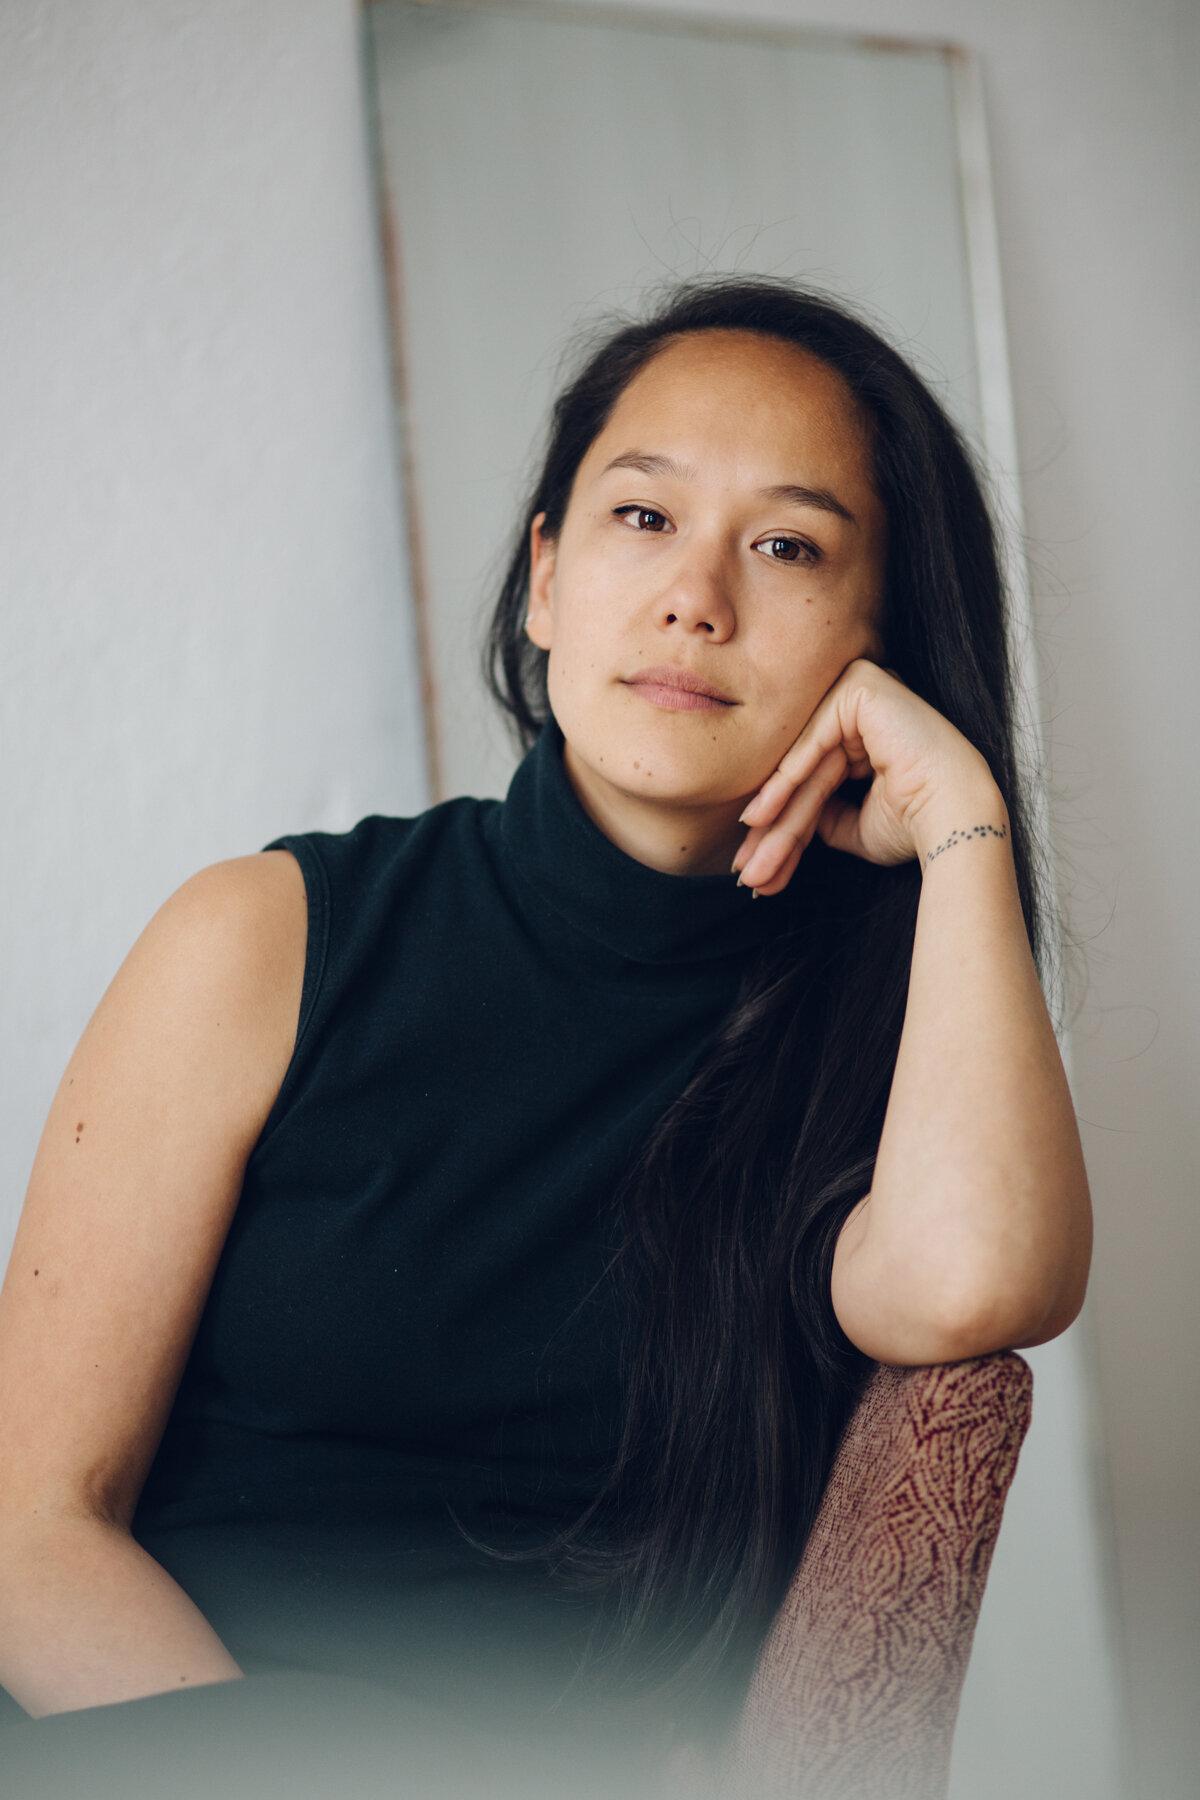 """KARRY是一位独立的战略顾问,帮助影响力驱动型品牌将目标转化为行动。你可能会发现她在和衣橱里的飞蛾交谈:""""也要欣赏你的衣服和洞。""""可持续时尚……"""